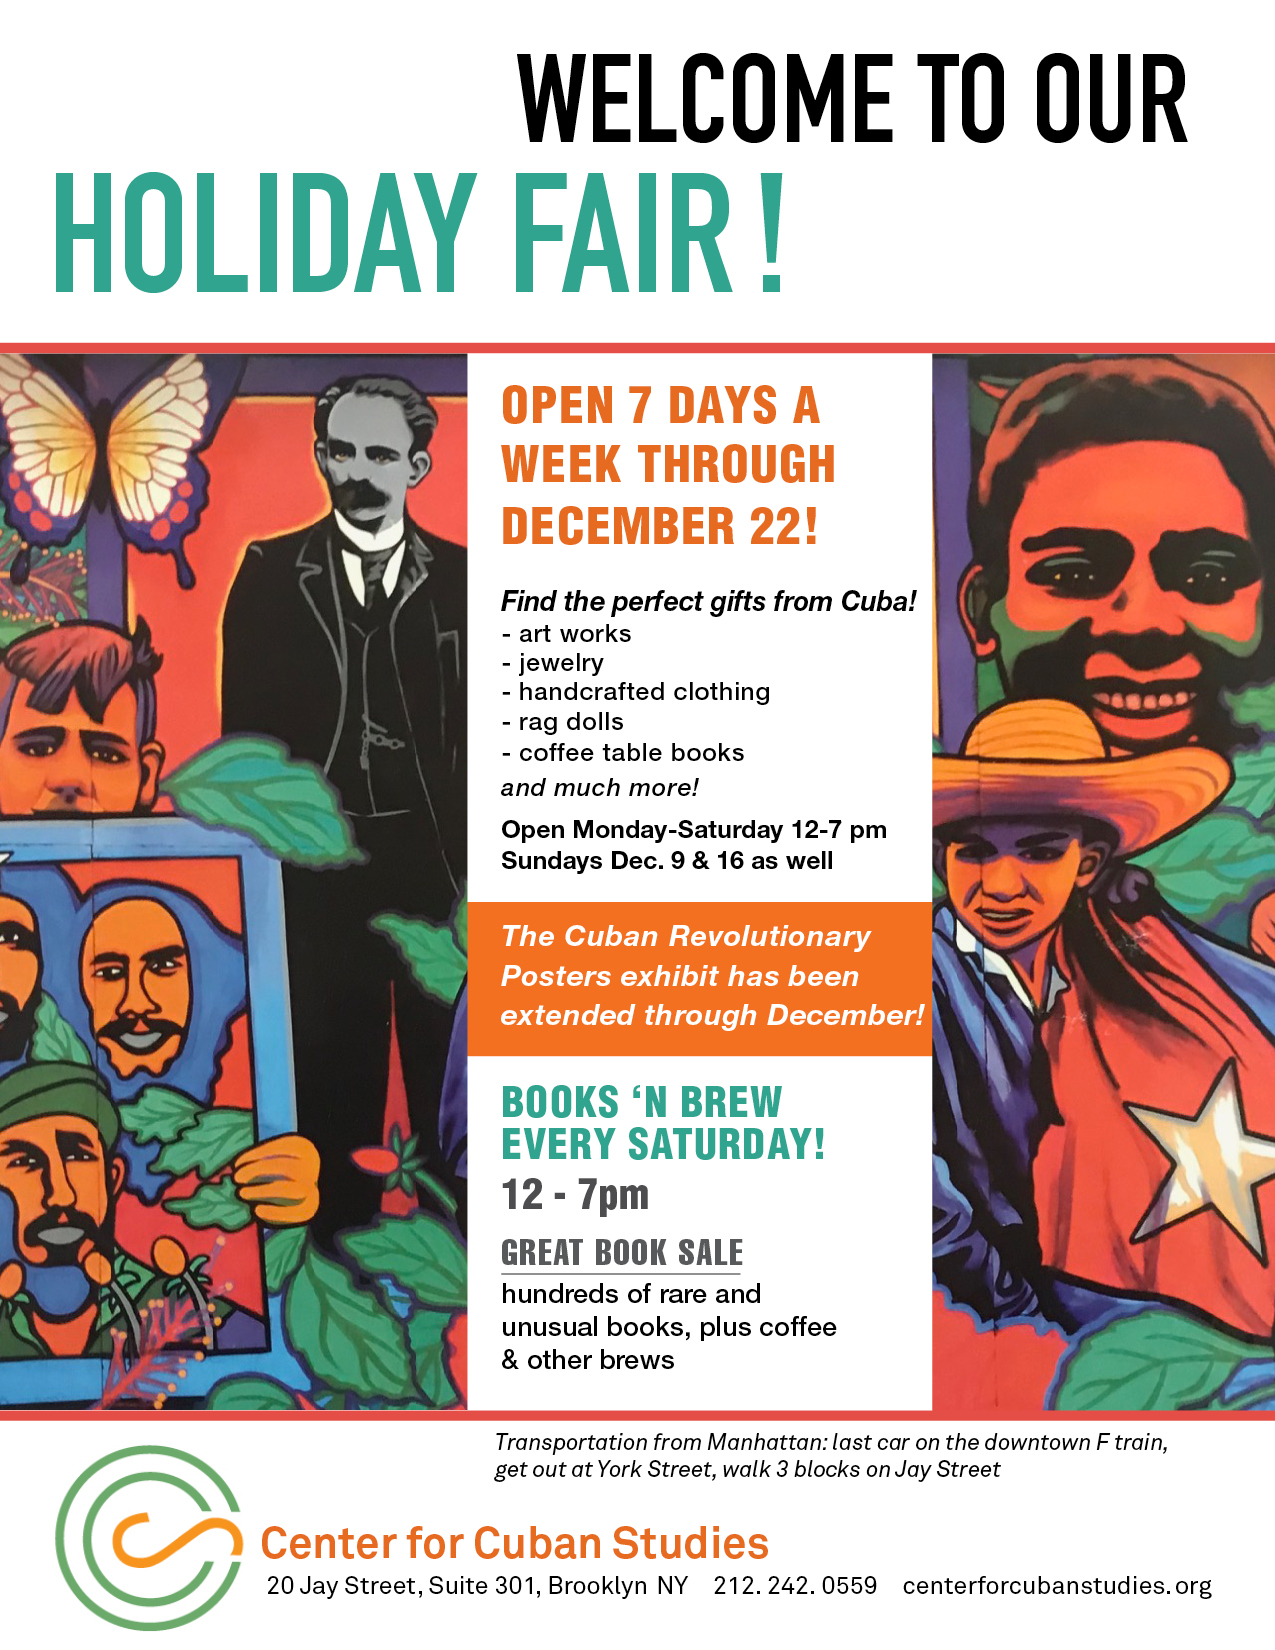 holiday-fair-2018-3.jpg